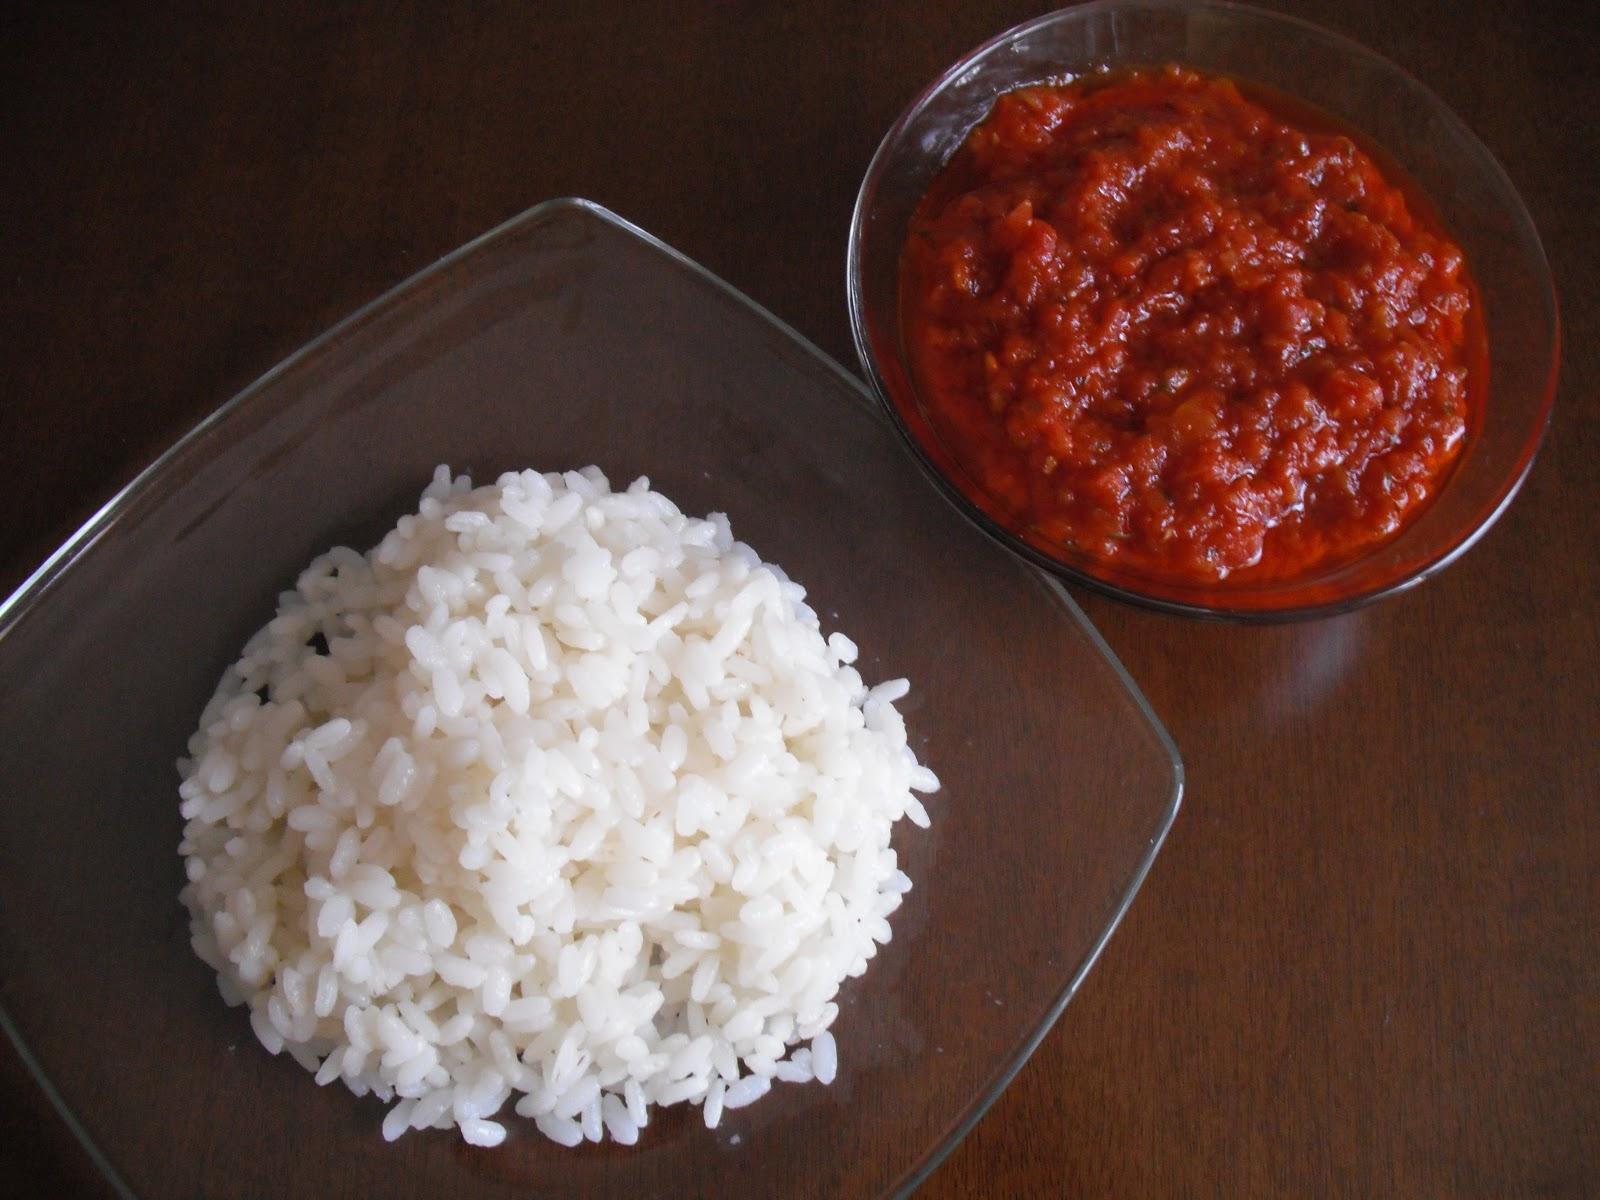 """Tomatoes or tomato sauce """"The Very Fine"""" Cirio * or """"Mini Cube..."""